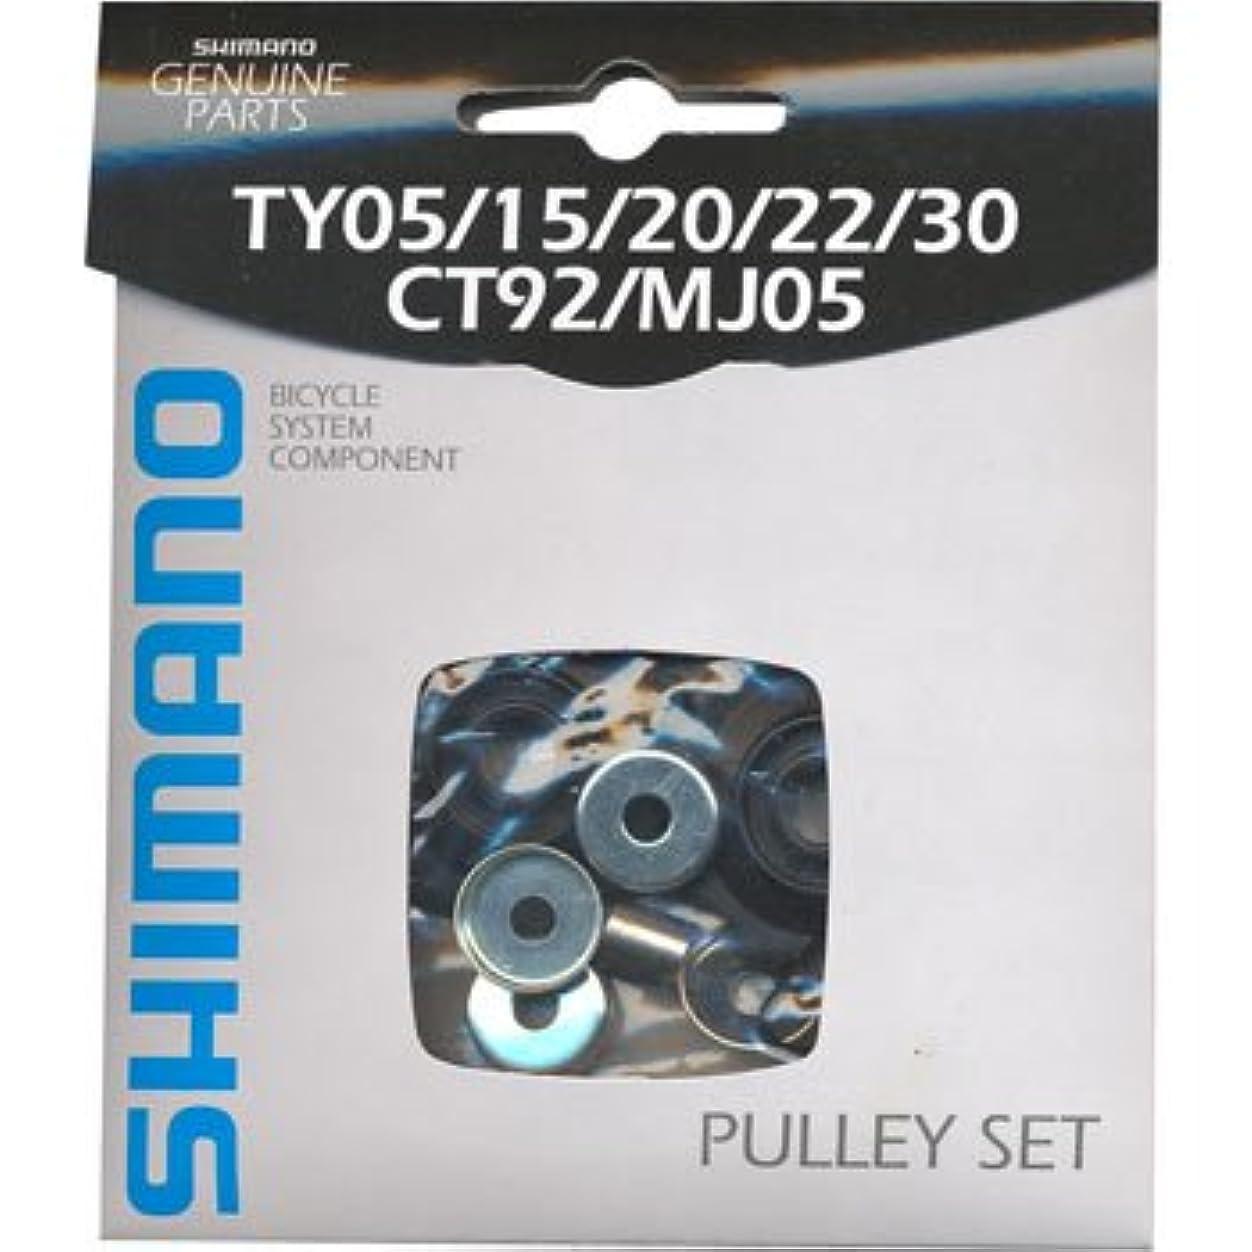 歯痛ほこりっぽいガラスSHIMANO(シマノ) RD-CT95/MJ05/TY05/TY15/TY20/TY22/TY30 プーリー 10ペア RD-TY30-SS RD-TY30-GS RD-TY22-SS RD-TY22-GS Y56398100